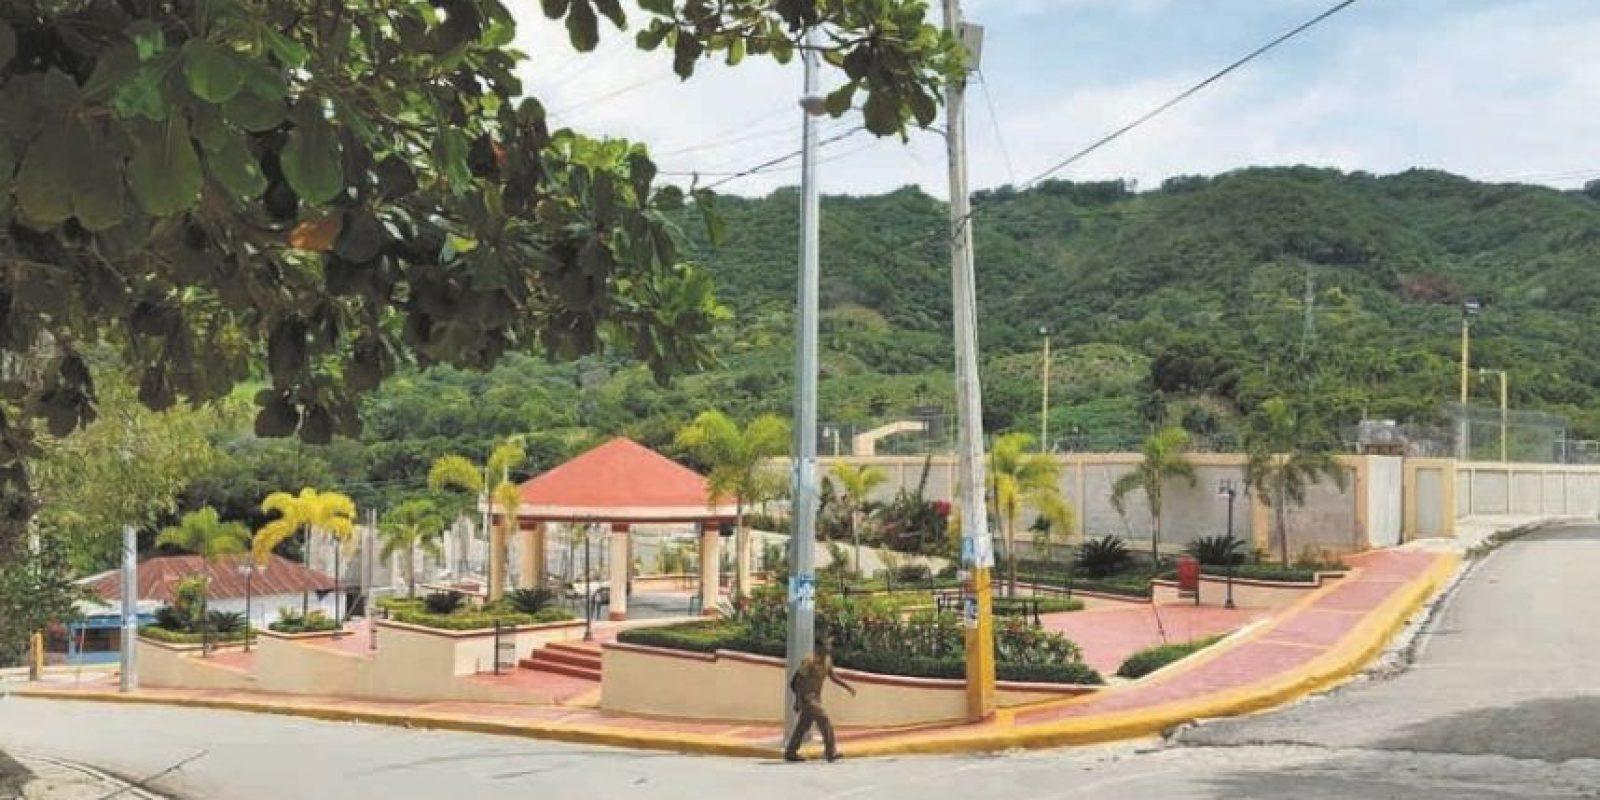 Parque construido en el centro del pueblo. Foto:Ellizabeth Martínez